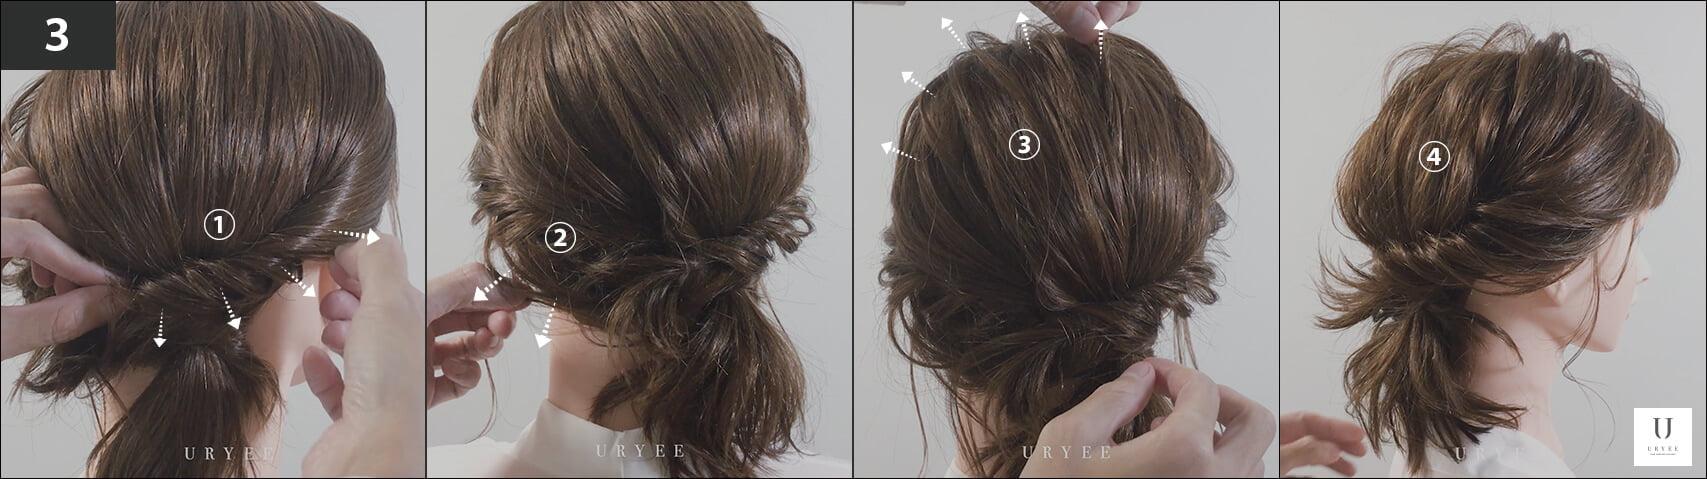 ねじった髪と表面の髪を引き出して完成させる